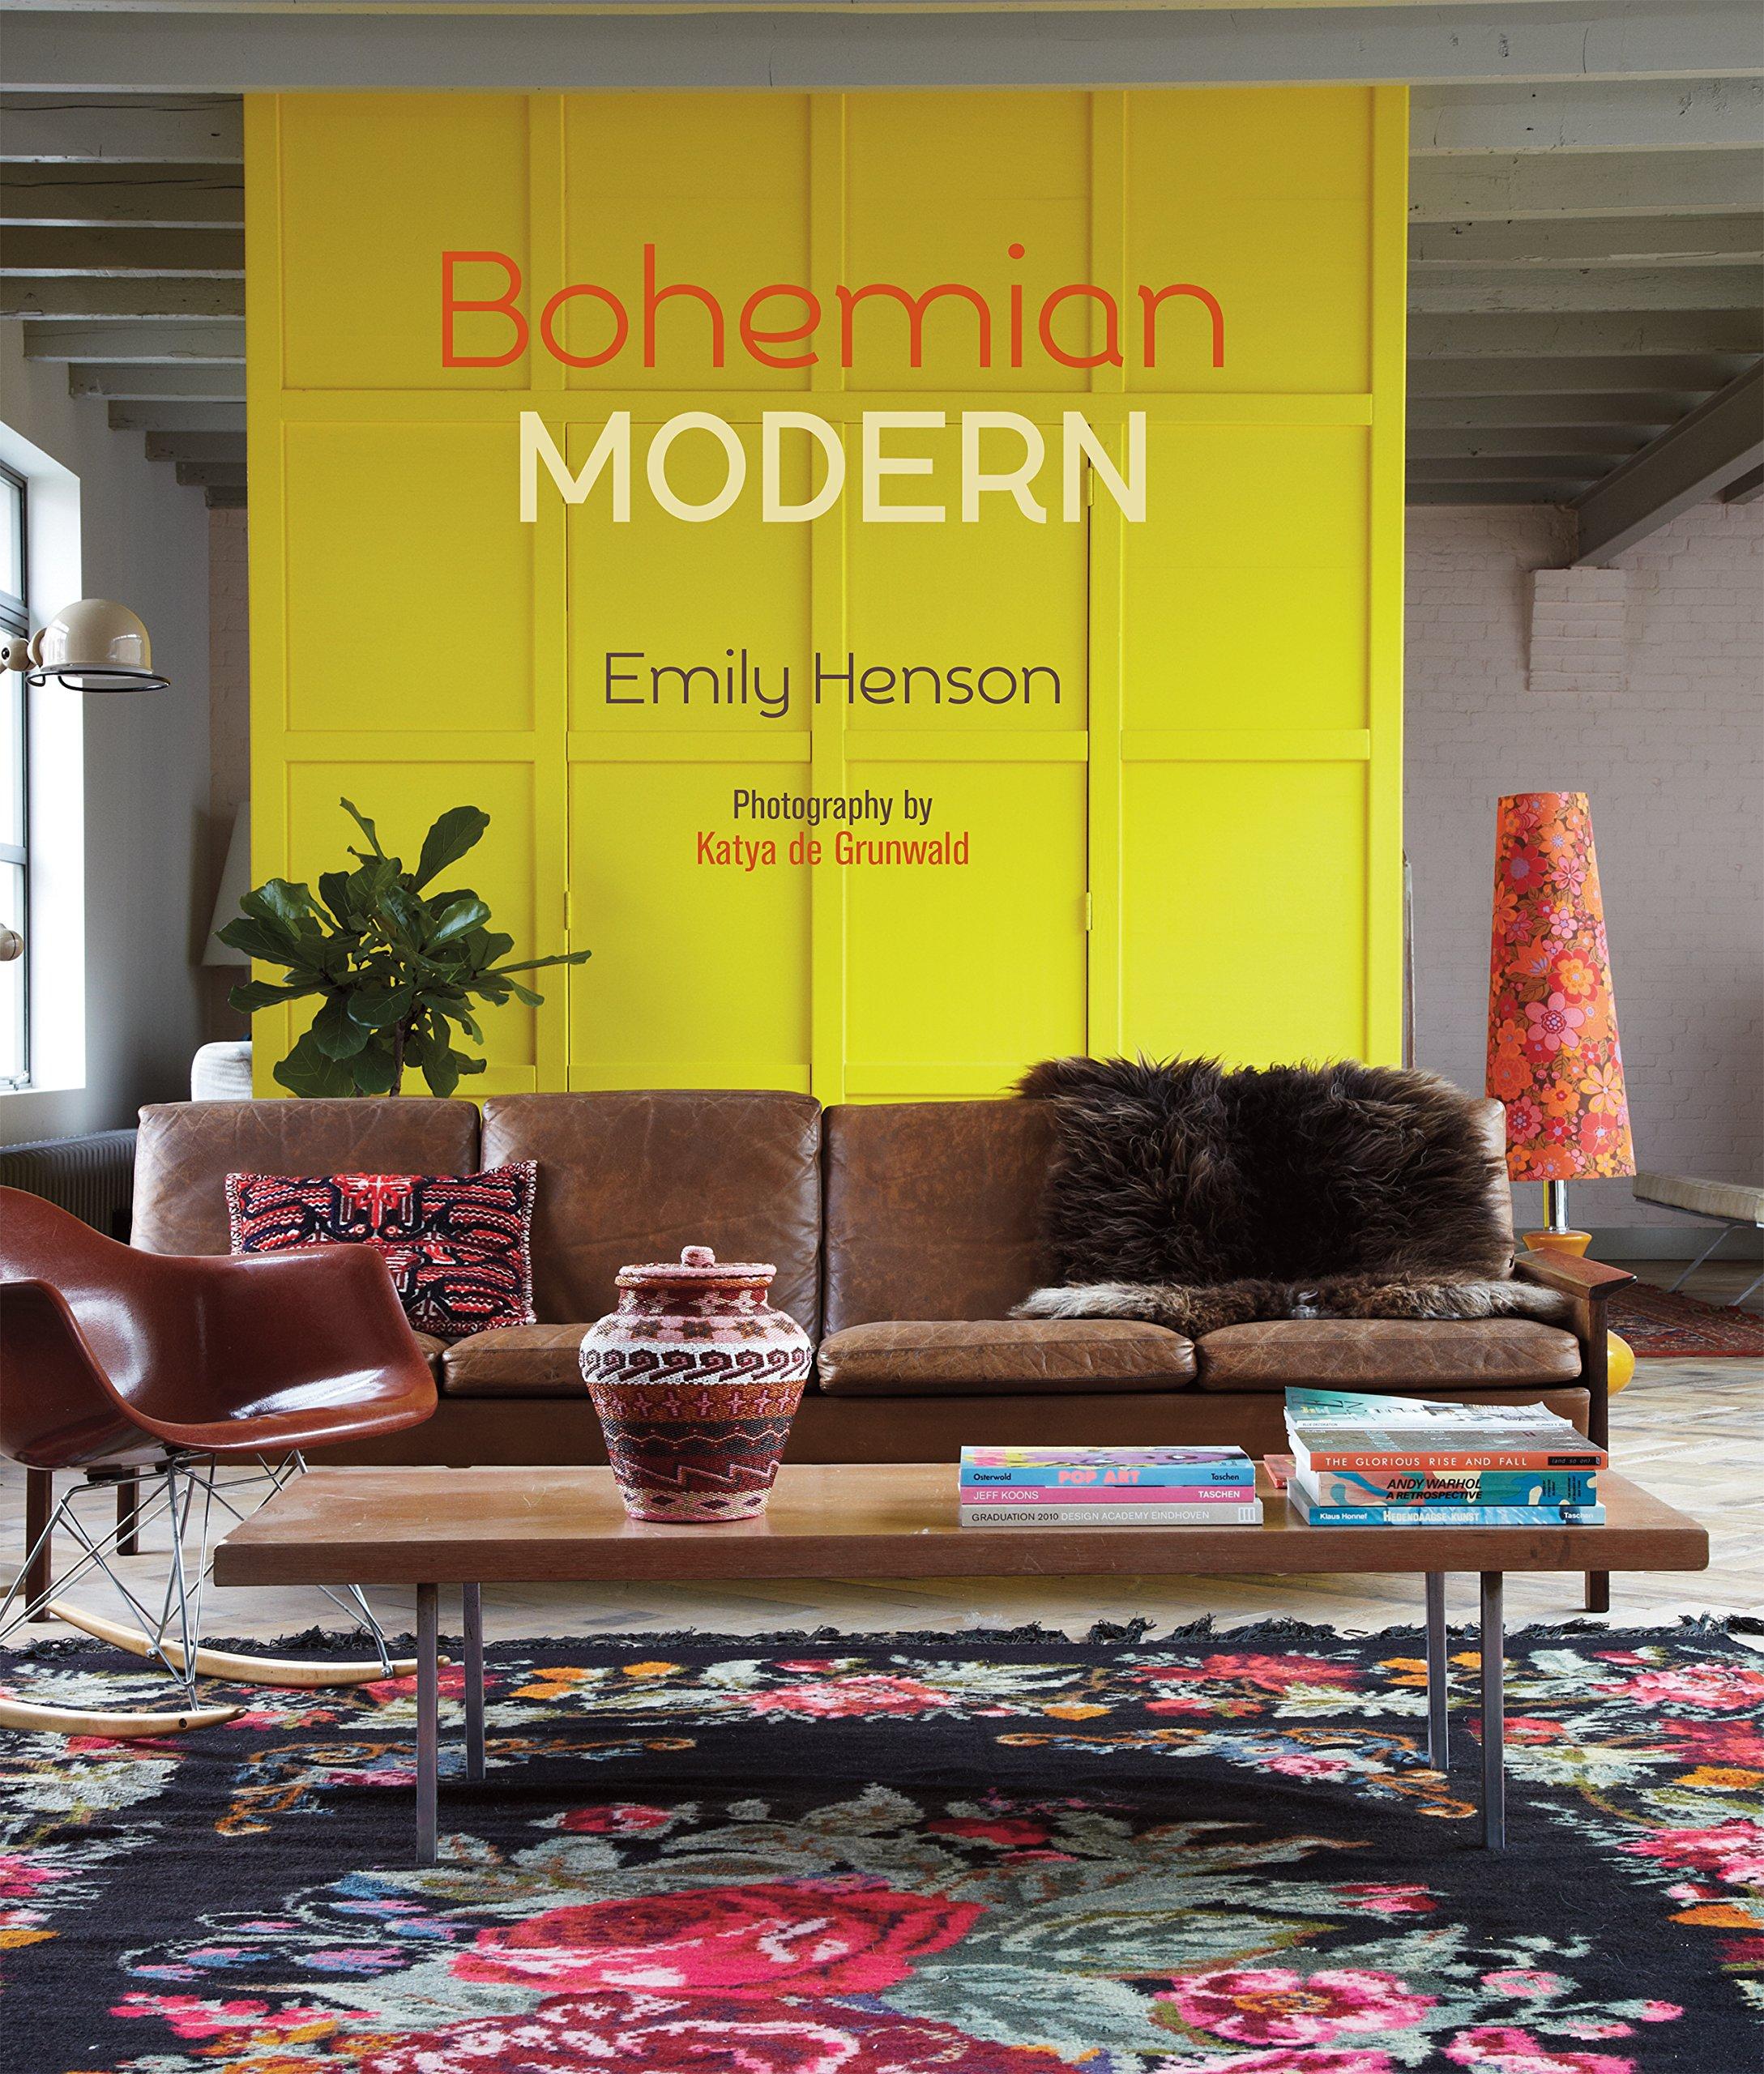 Bohemian Modern.jpg